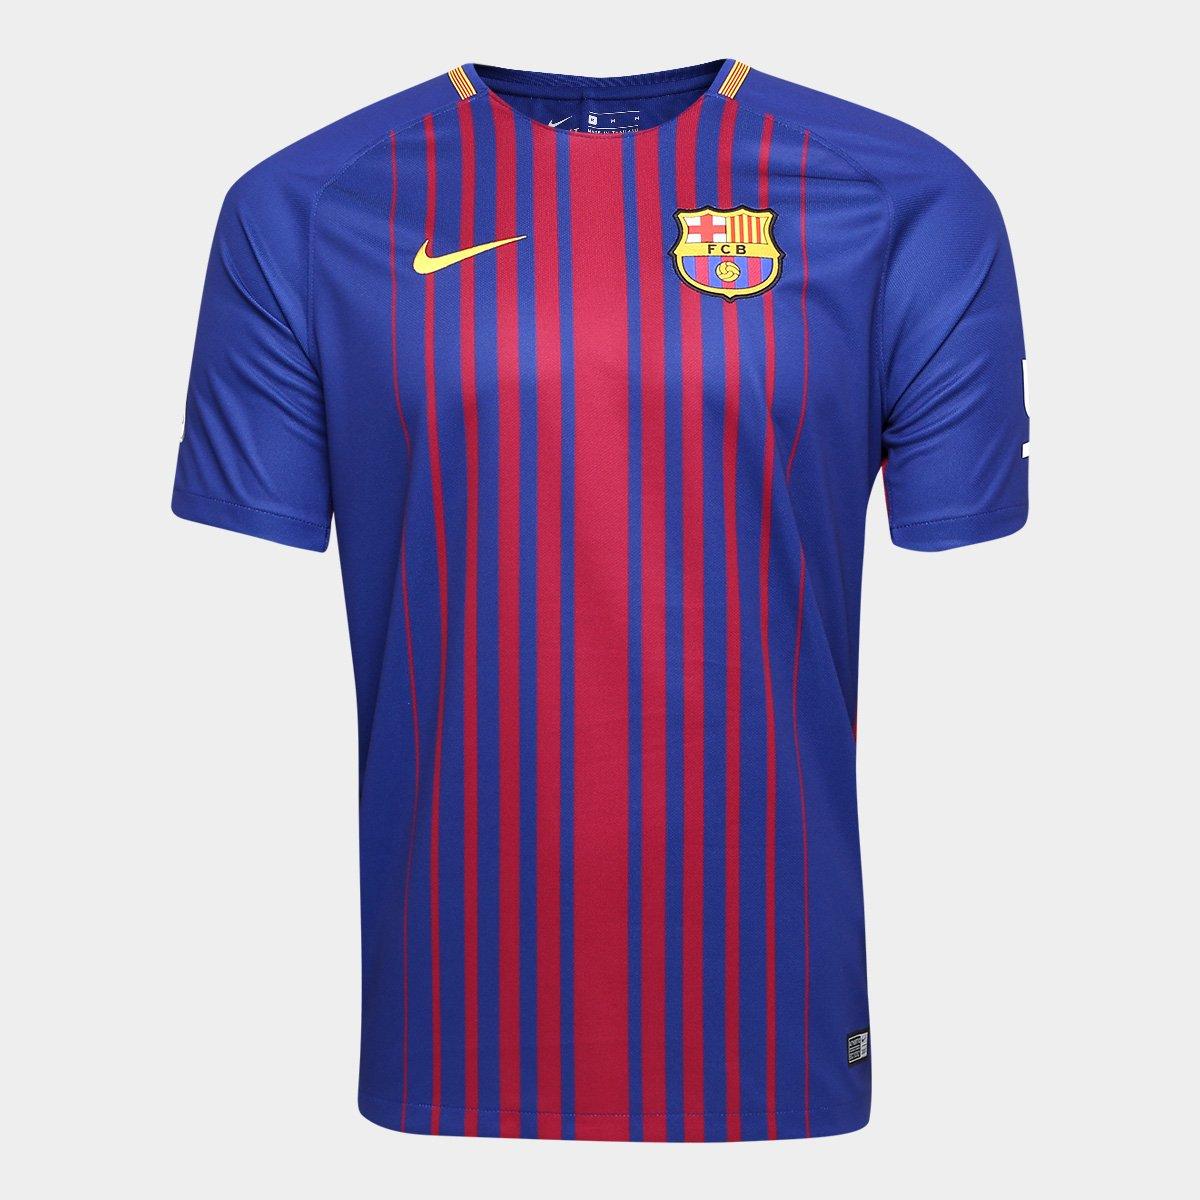 a830ddc3f5 Camisa Barcelona Home 17 18 s nº Torcedor Nike Masculina - Compre ...